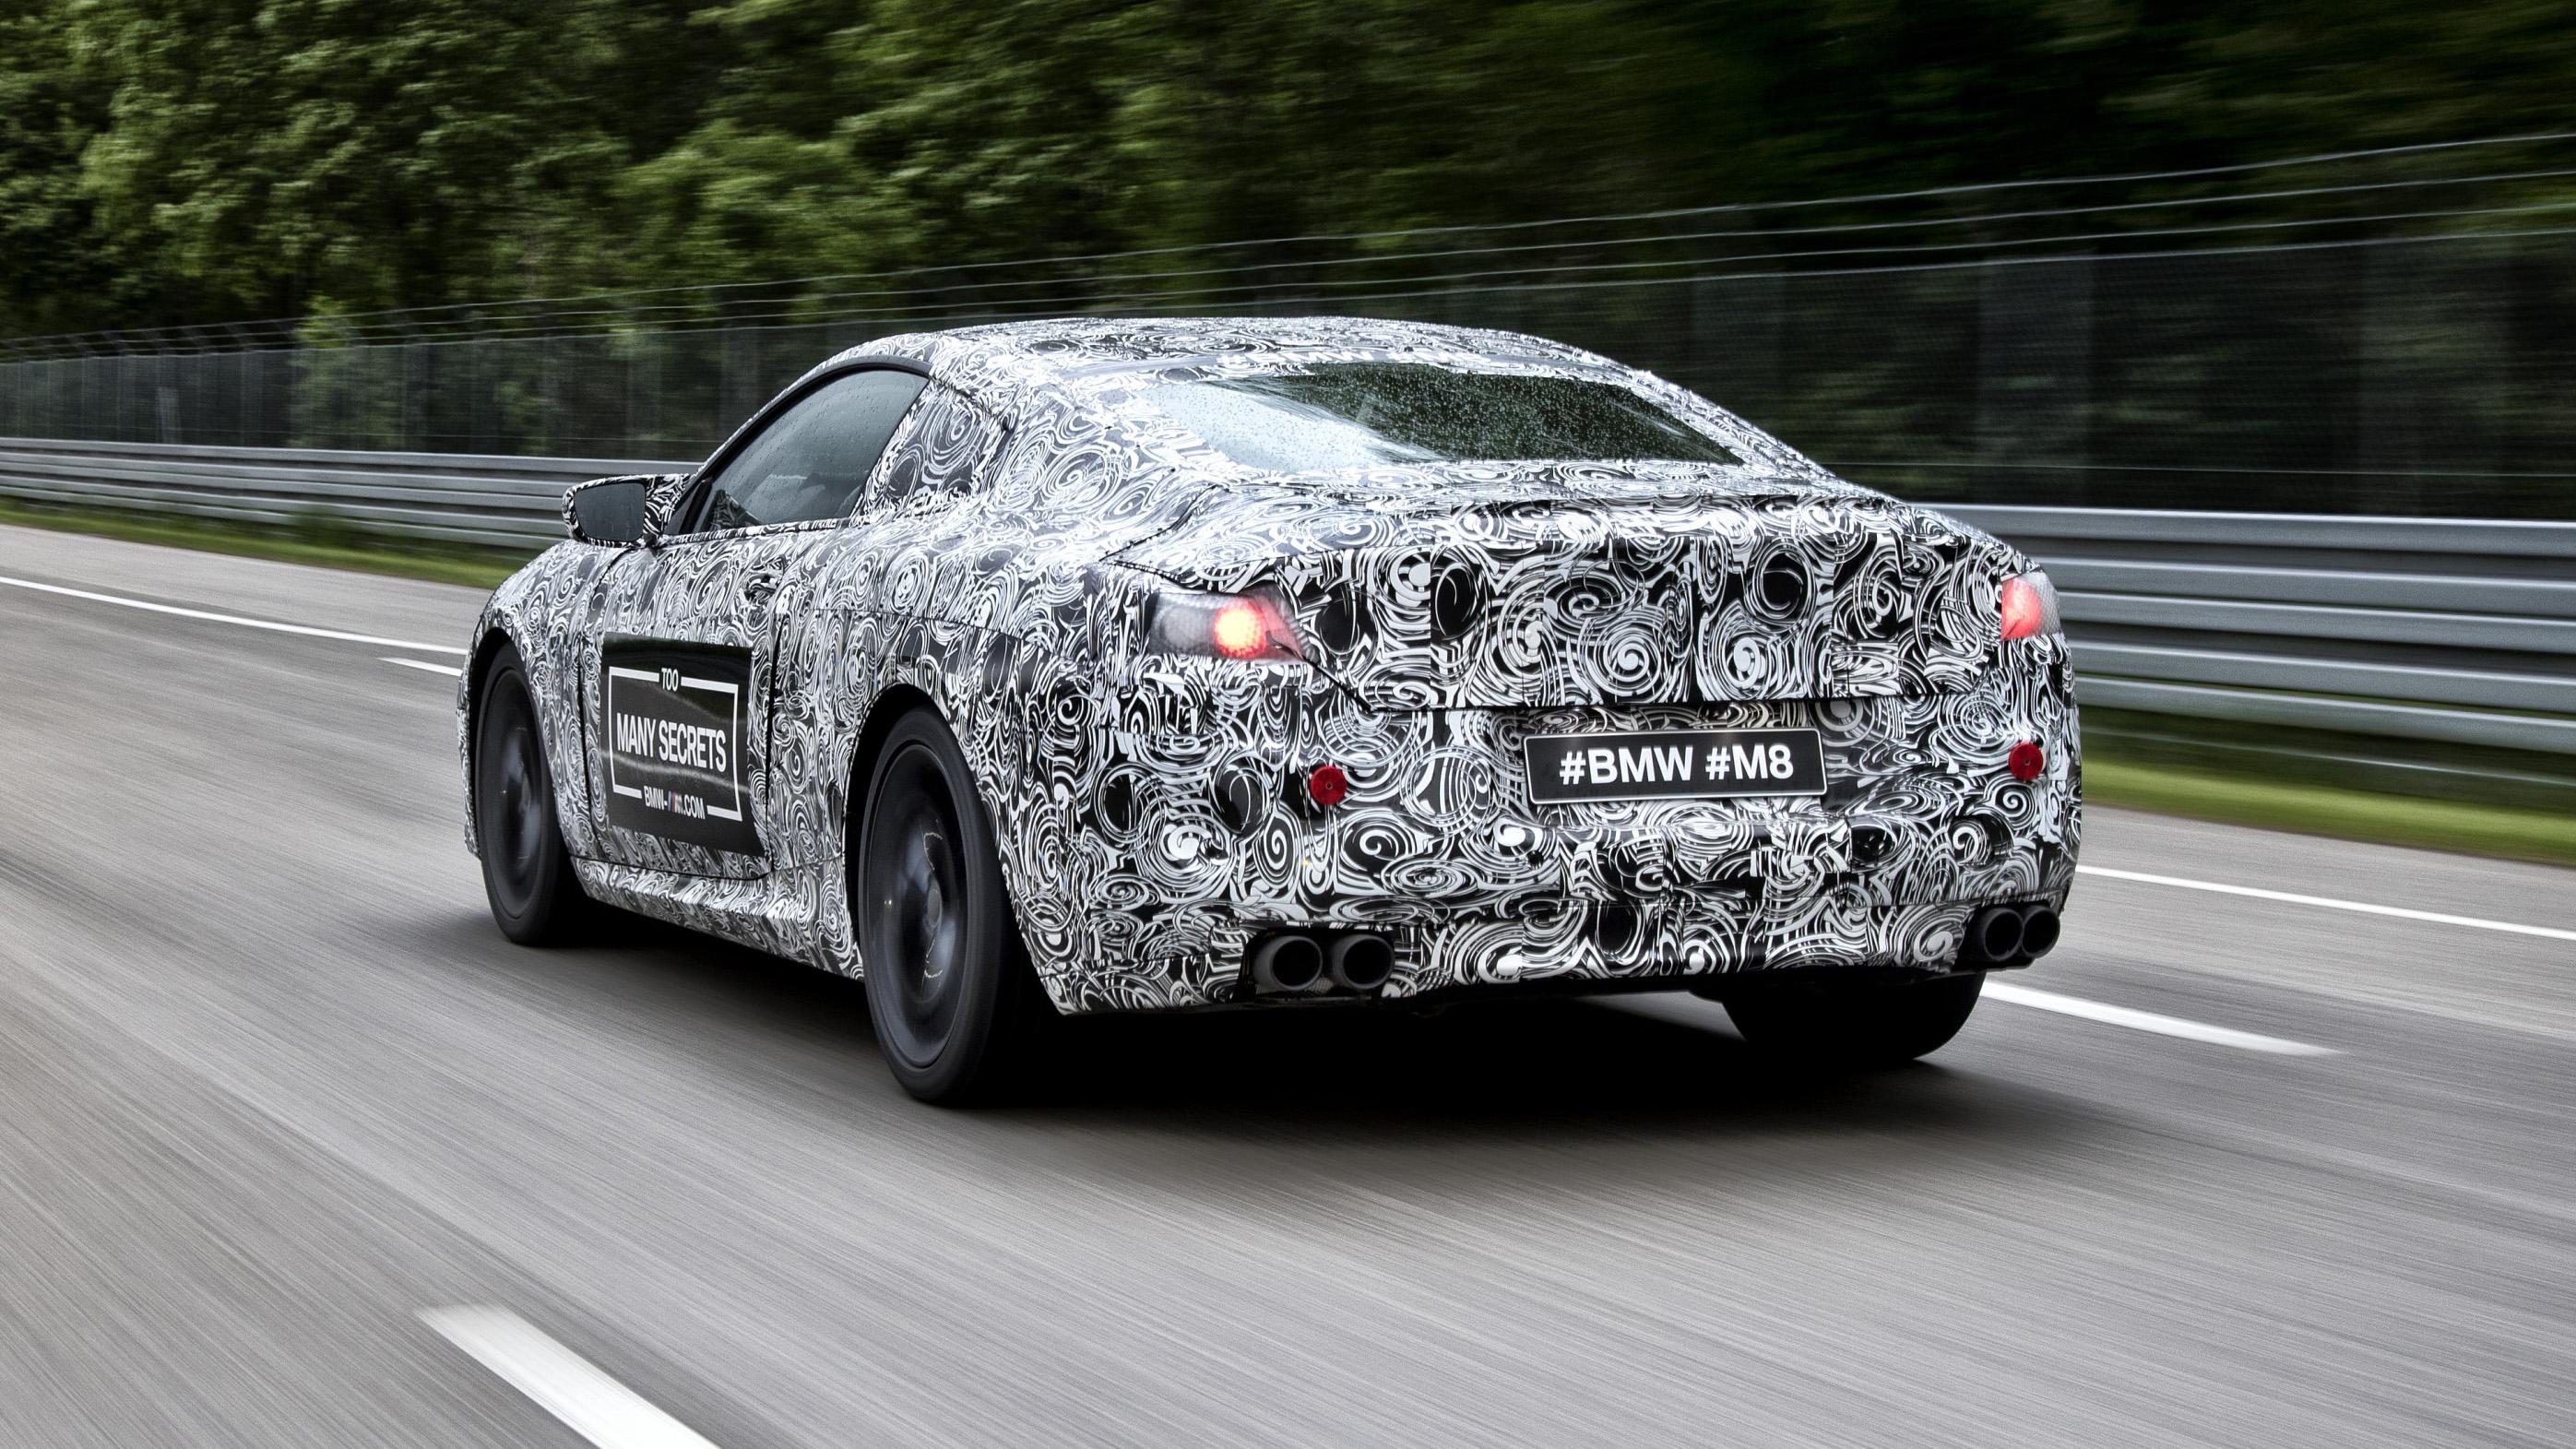 BMW M8 M Festival rear